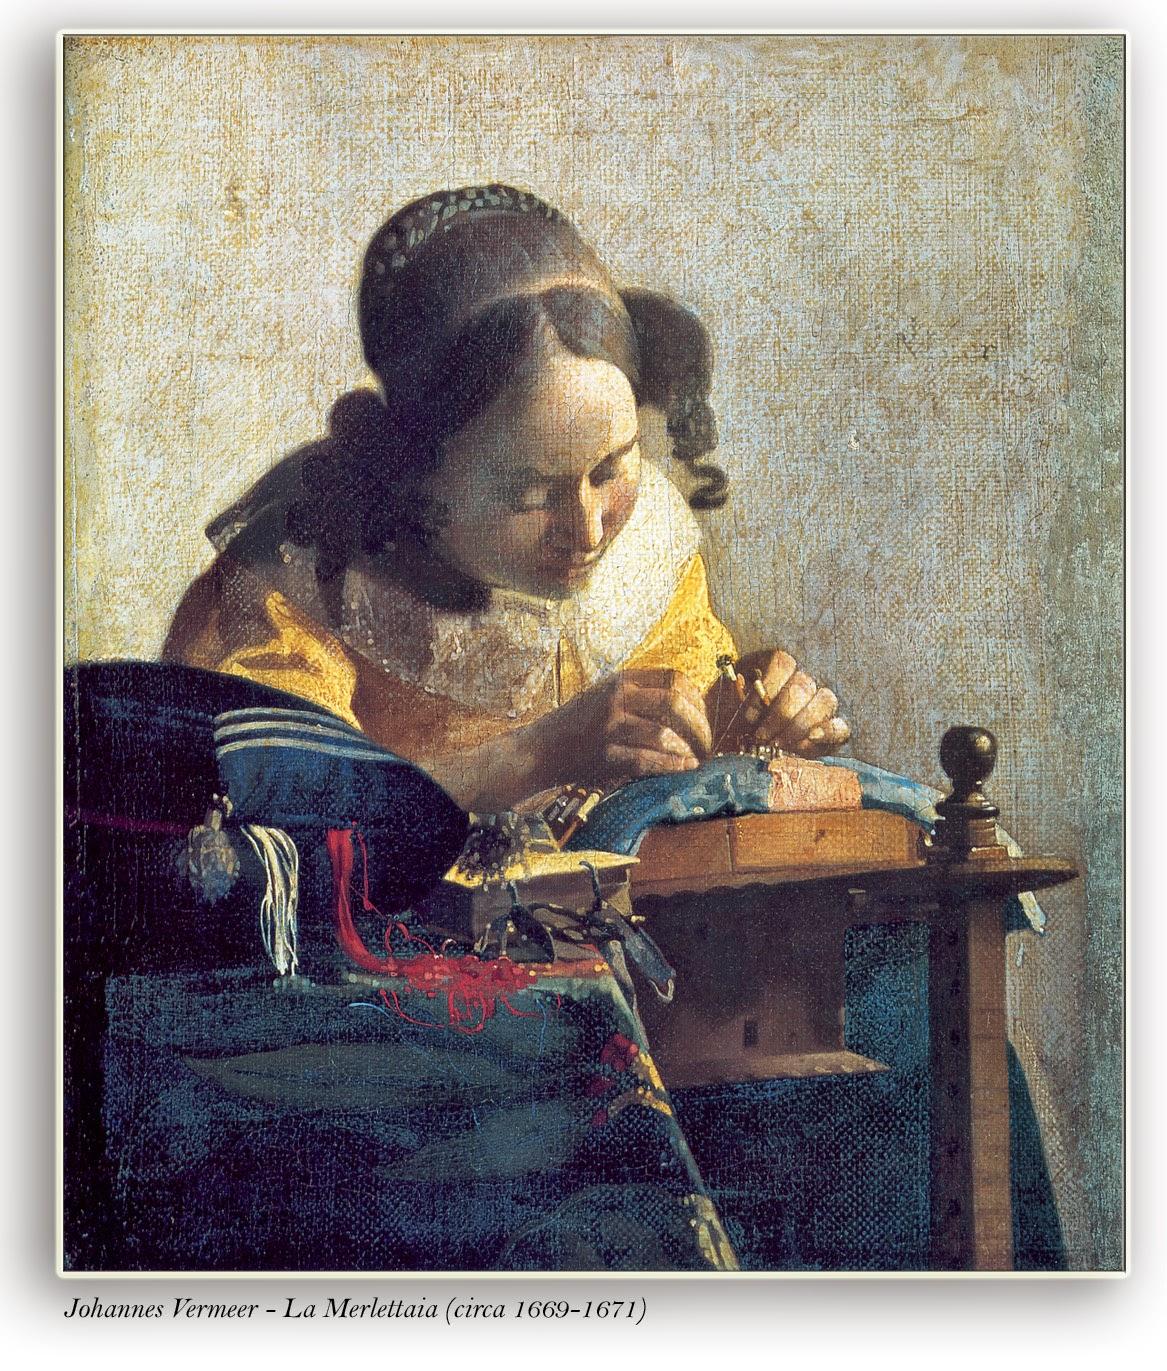 Vermeer - La Merlettaia